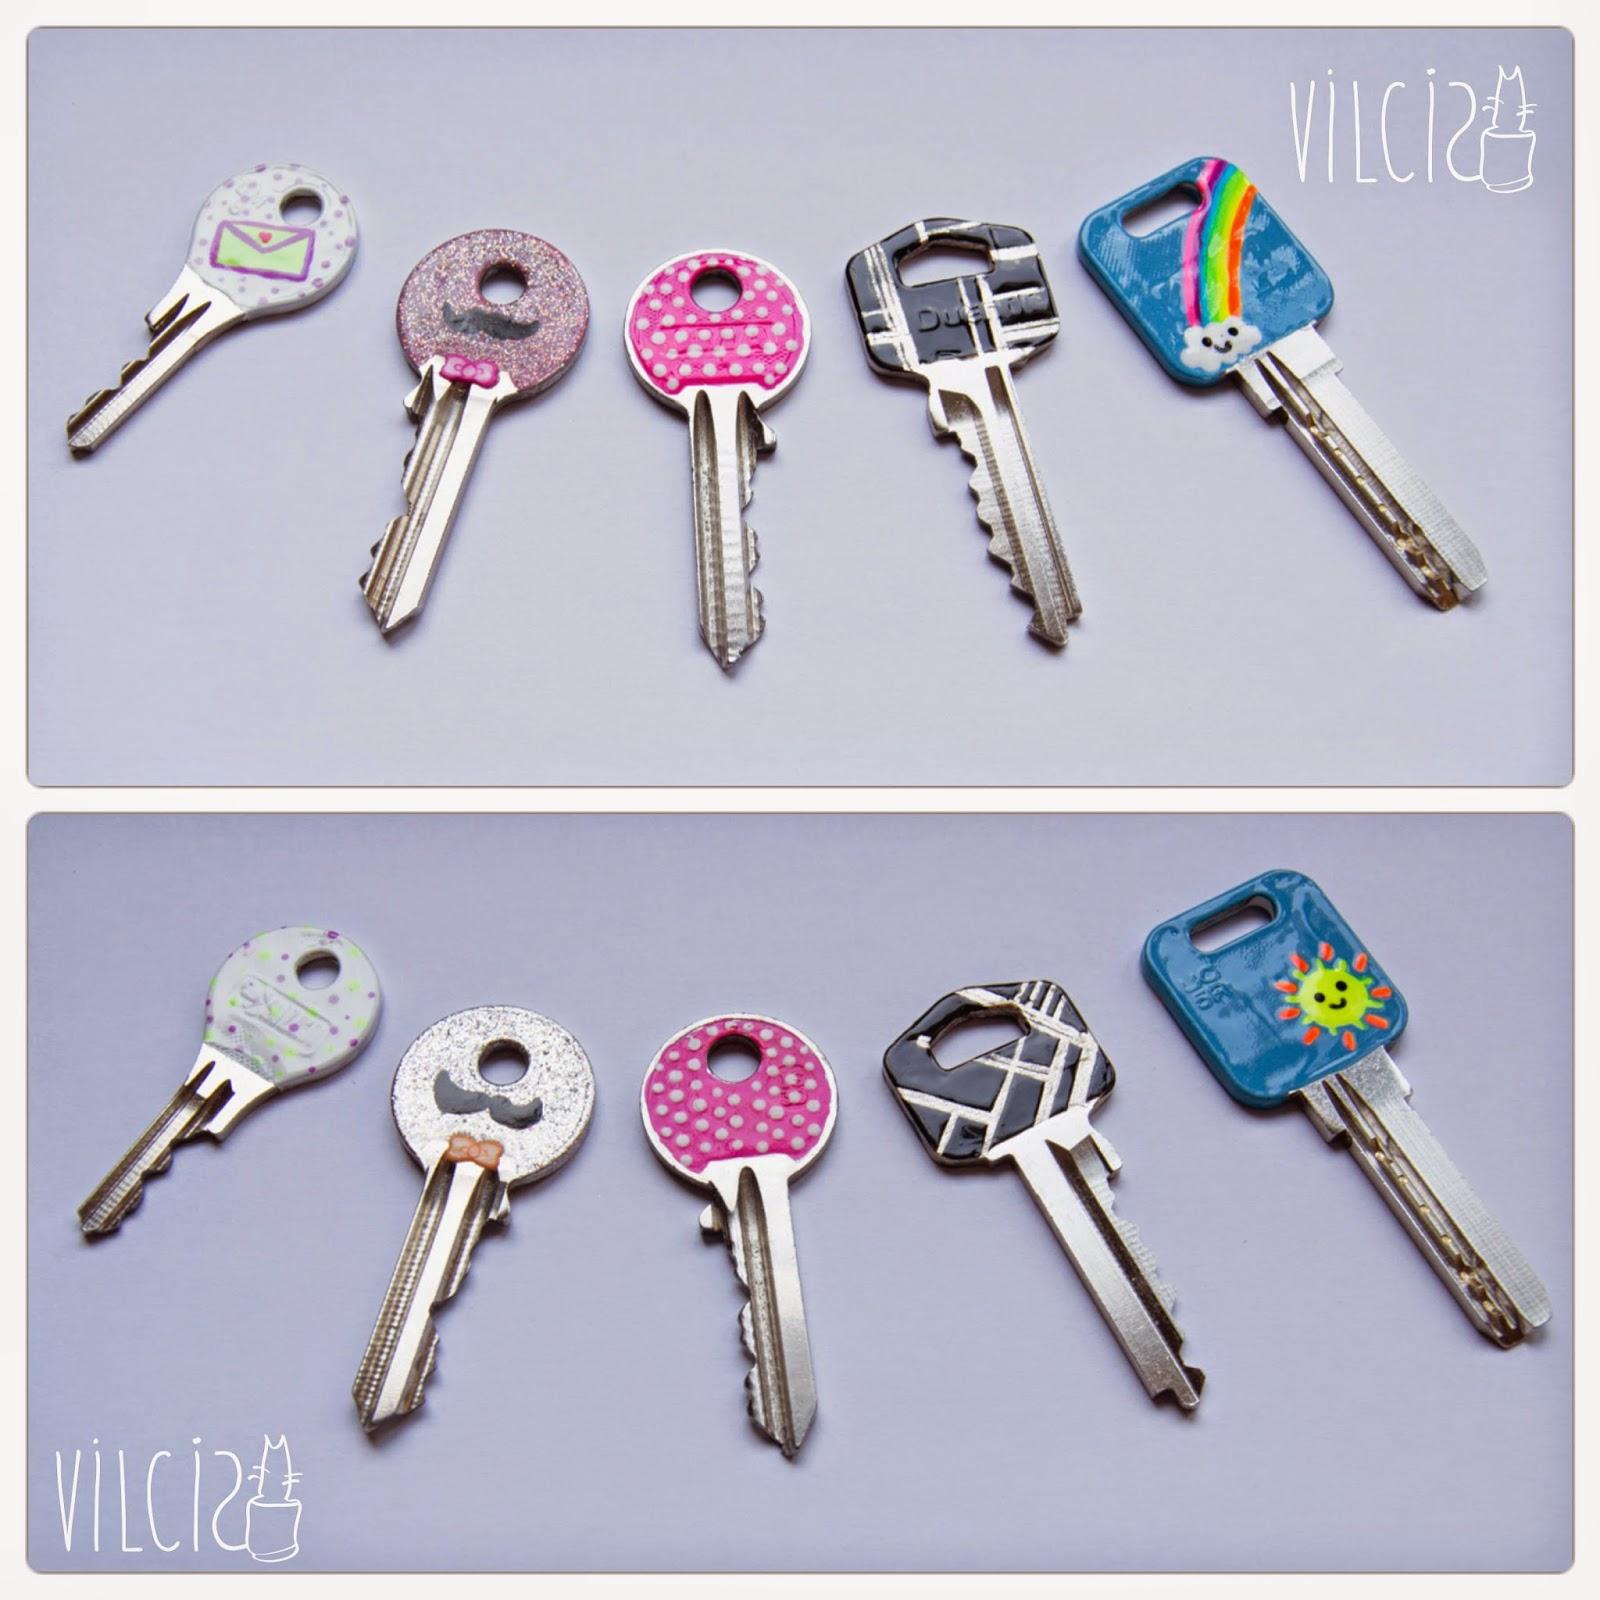 como decorar tus llaves con esmalte de uñas vilcis